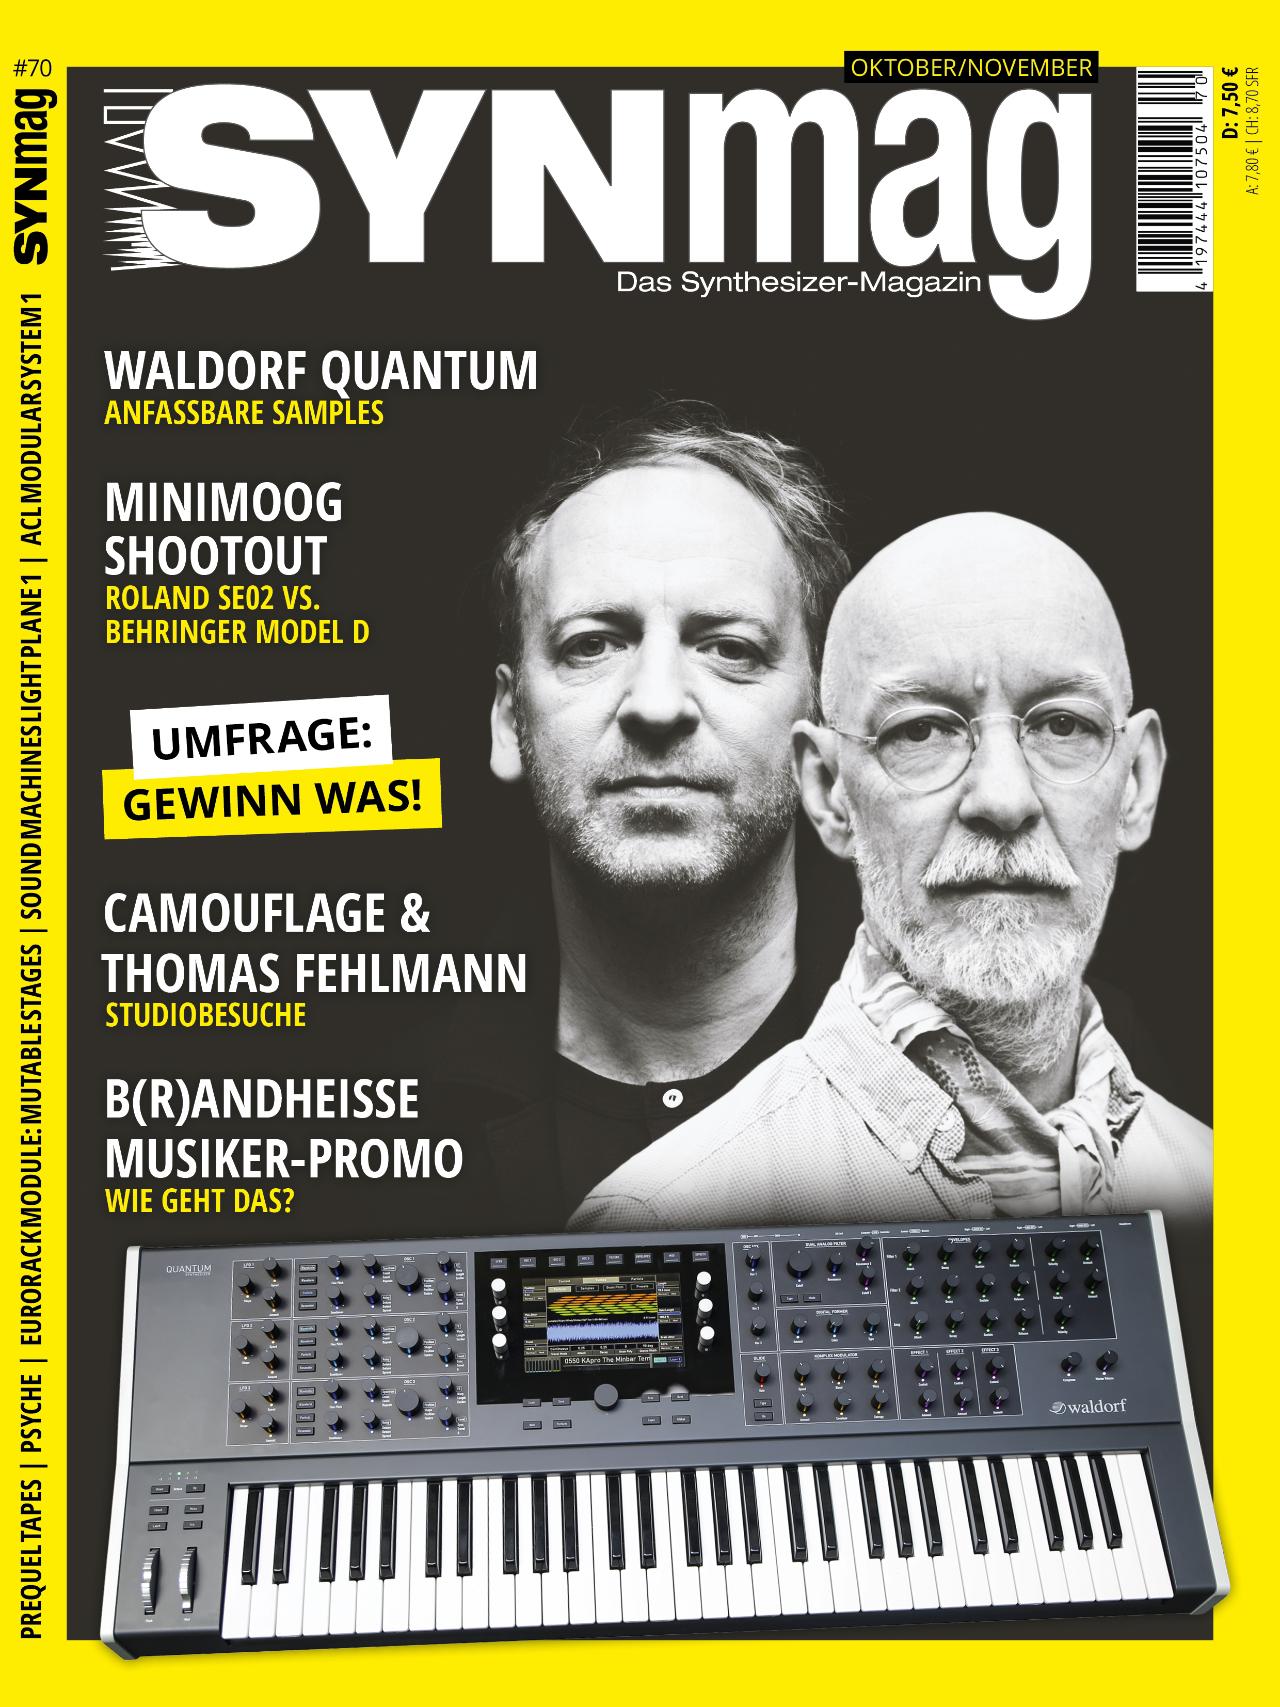 Synmag 70 Das Synthesizer-Magazin